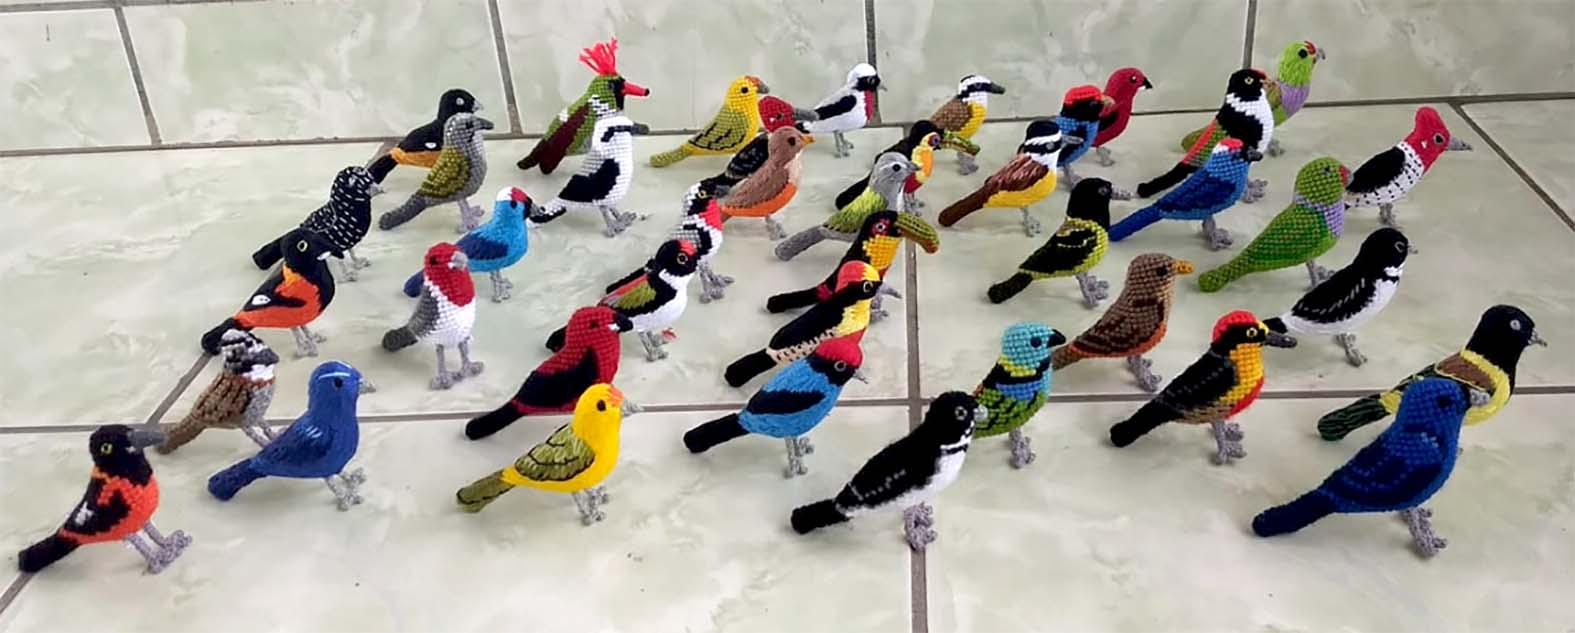 Lindas peças artesanais produzidas pelas artesãs da Serra do Caparaó com técnicas de costura, ponto cruz, crochê e bordado, ótima dica de presente, disponível na Maritaca Store.